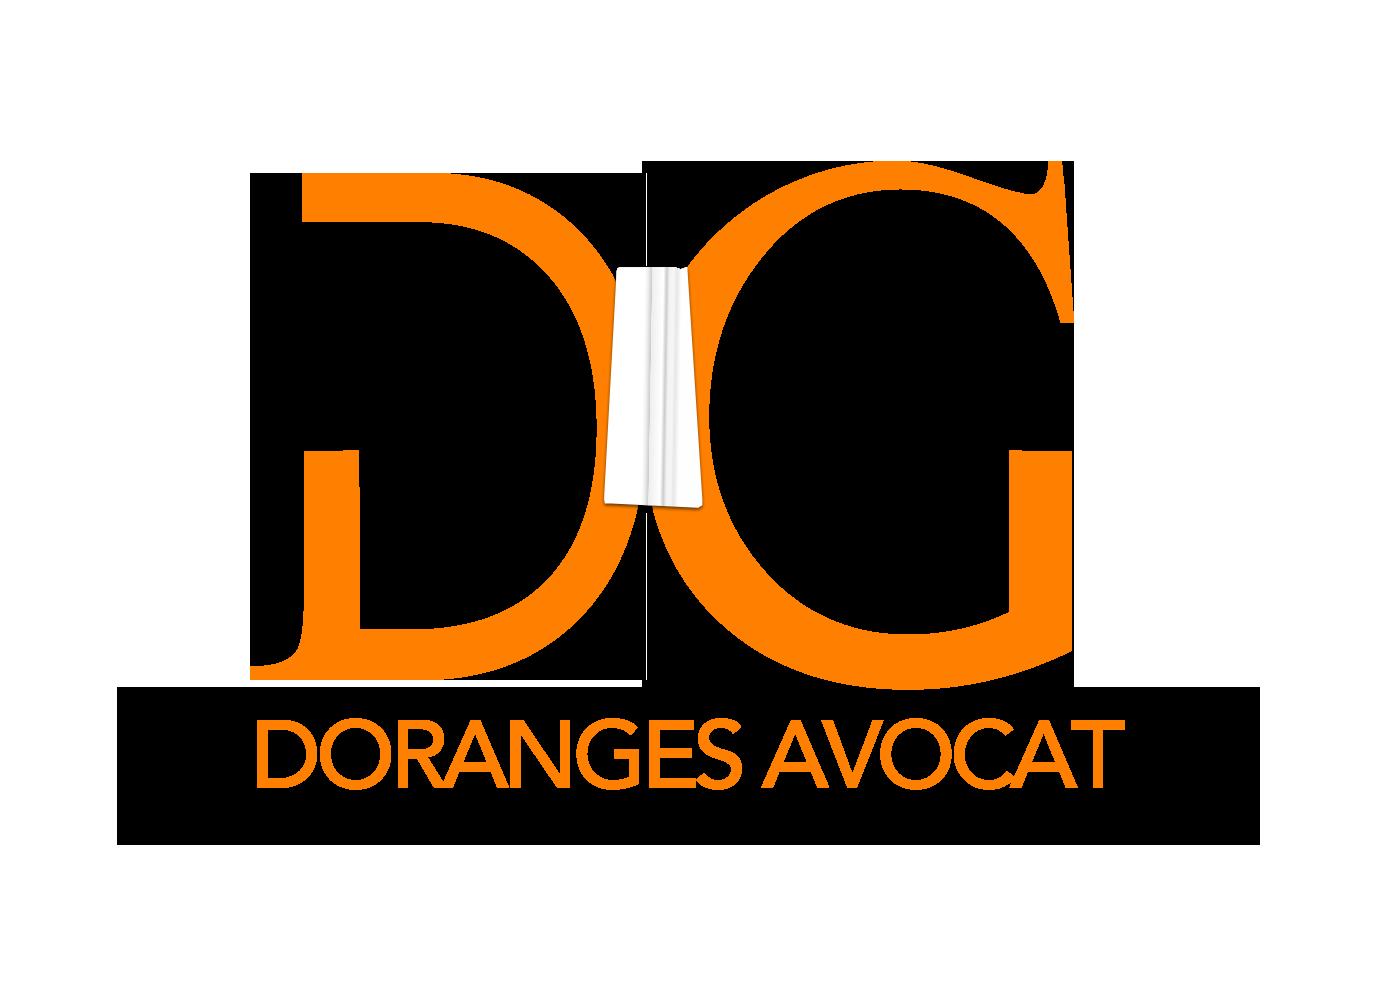 Doranges Avocat